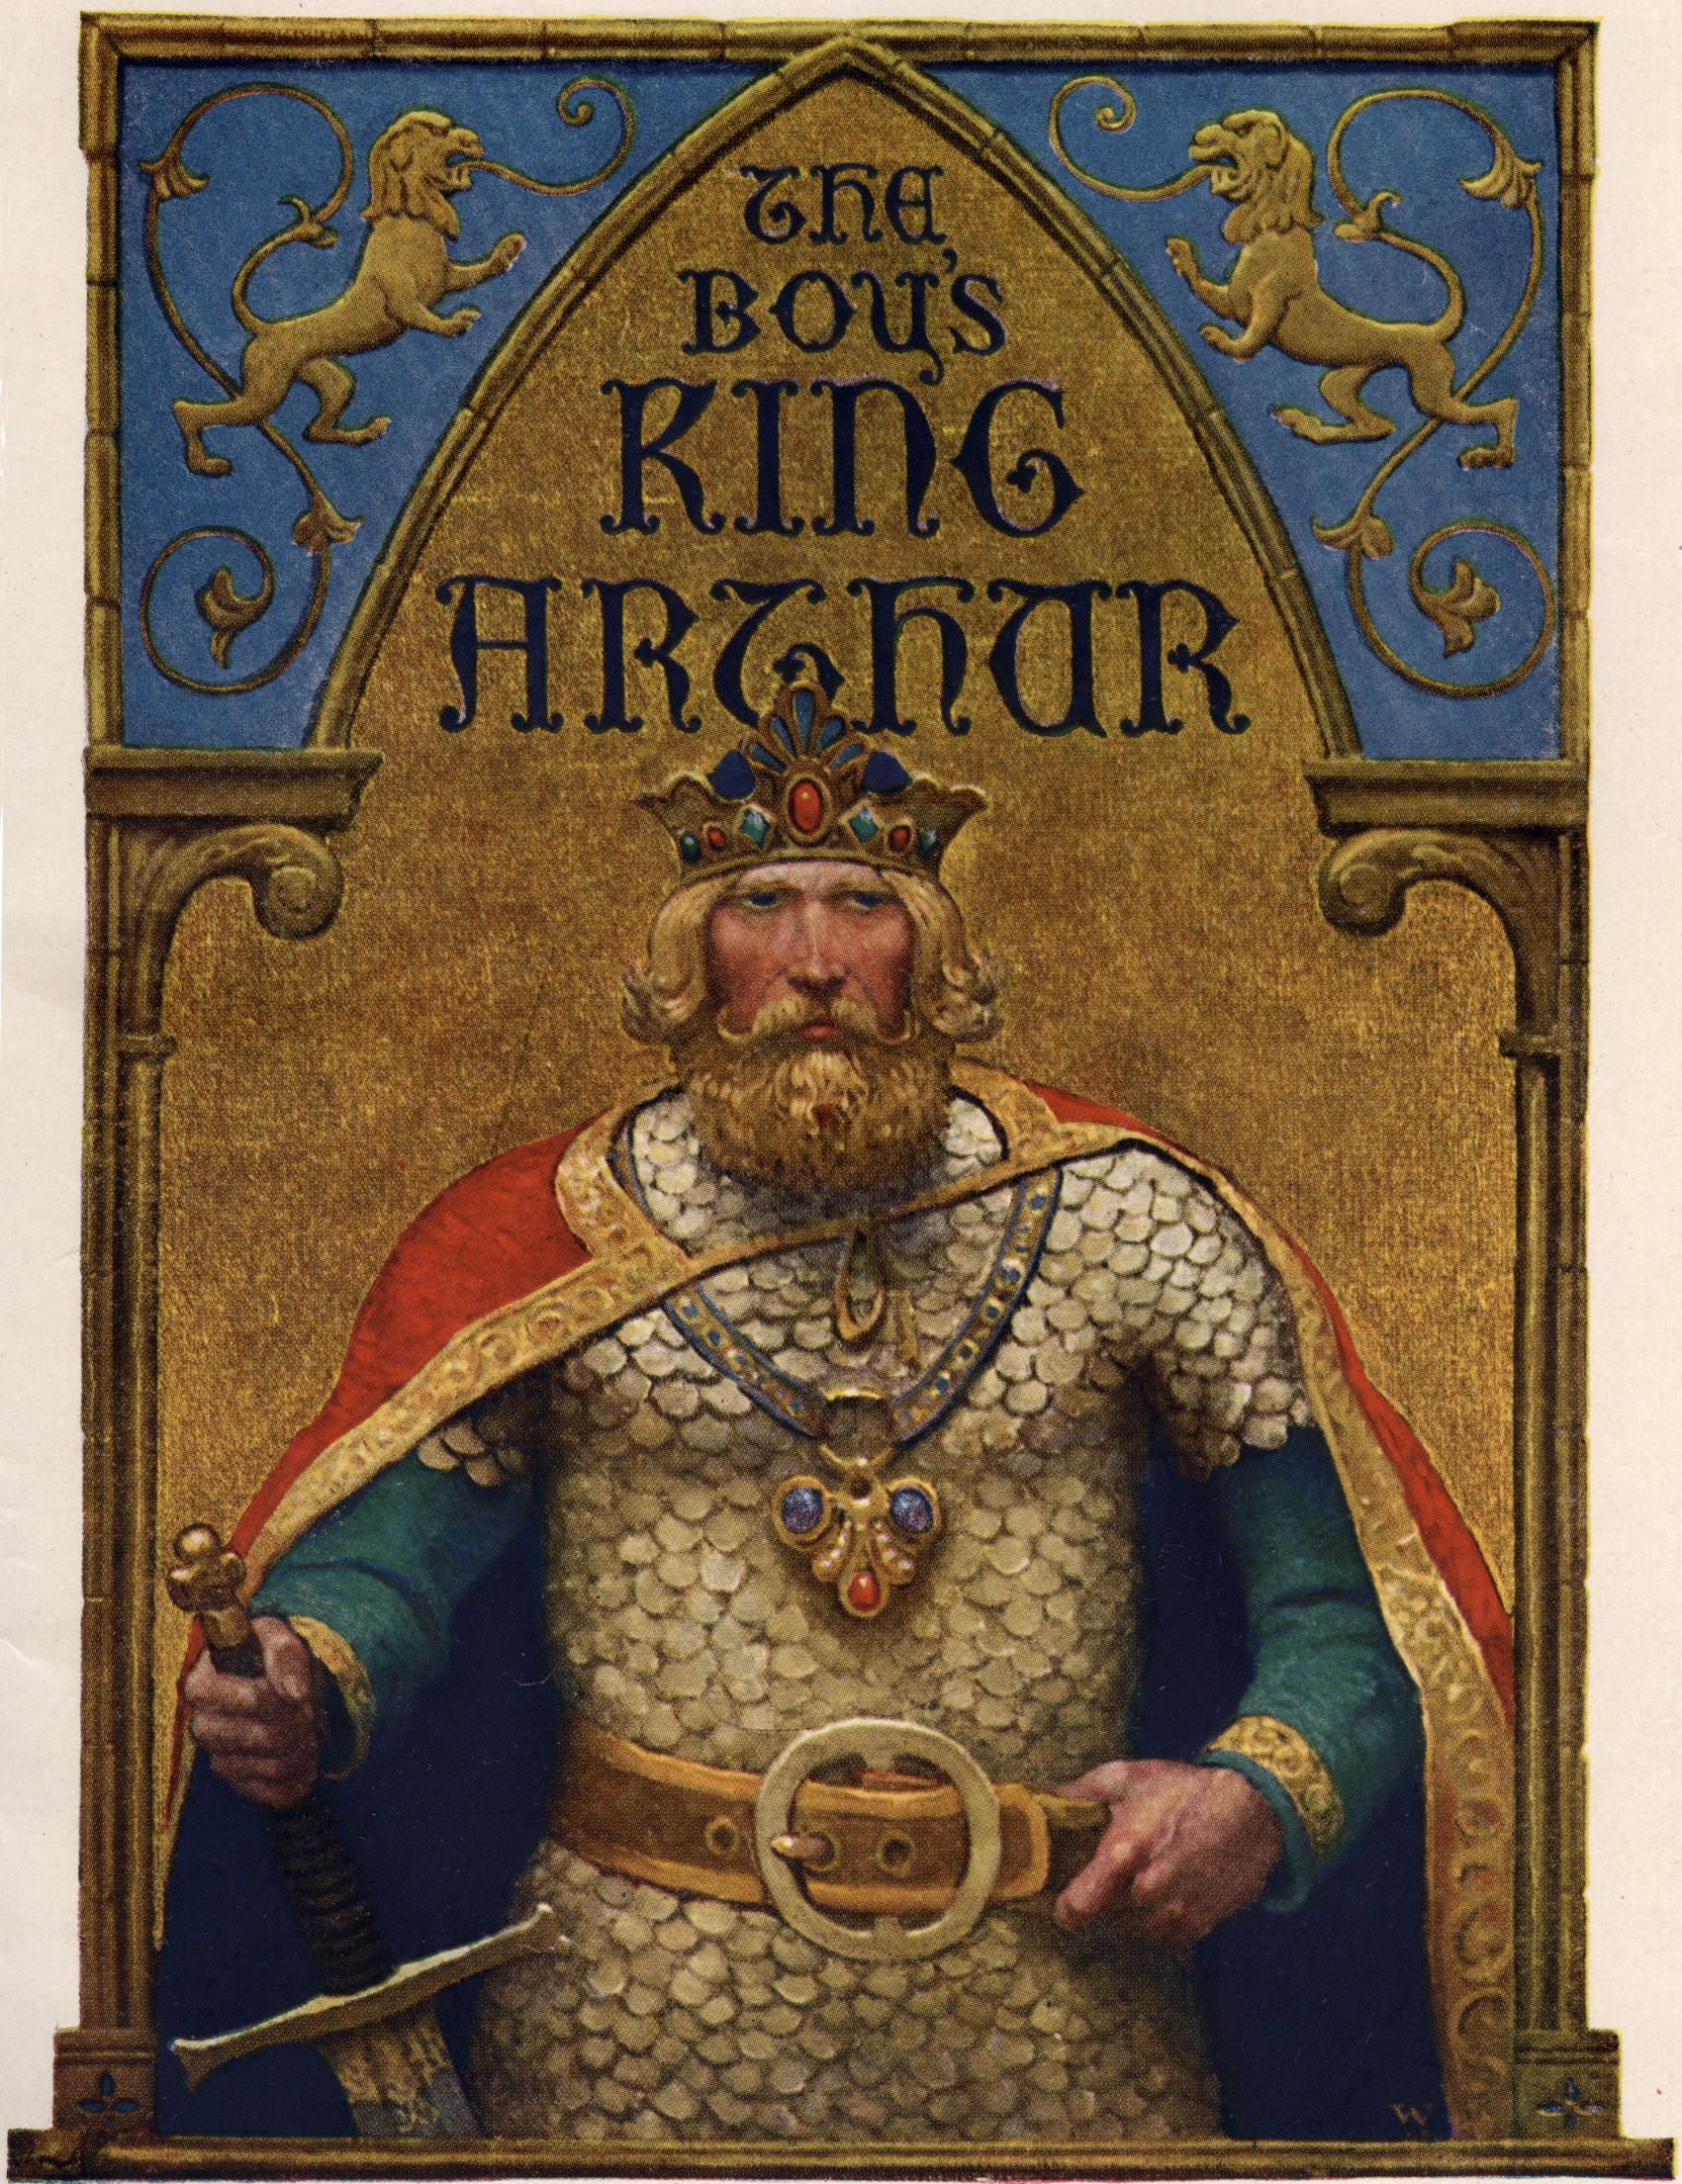 Ο Βασιλιάς Αρθούρος, όπως τον φαντάστηκε ο N.C. Wyeth σε έργο του 1922.